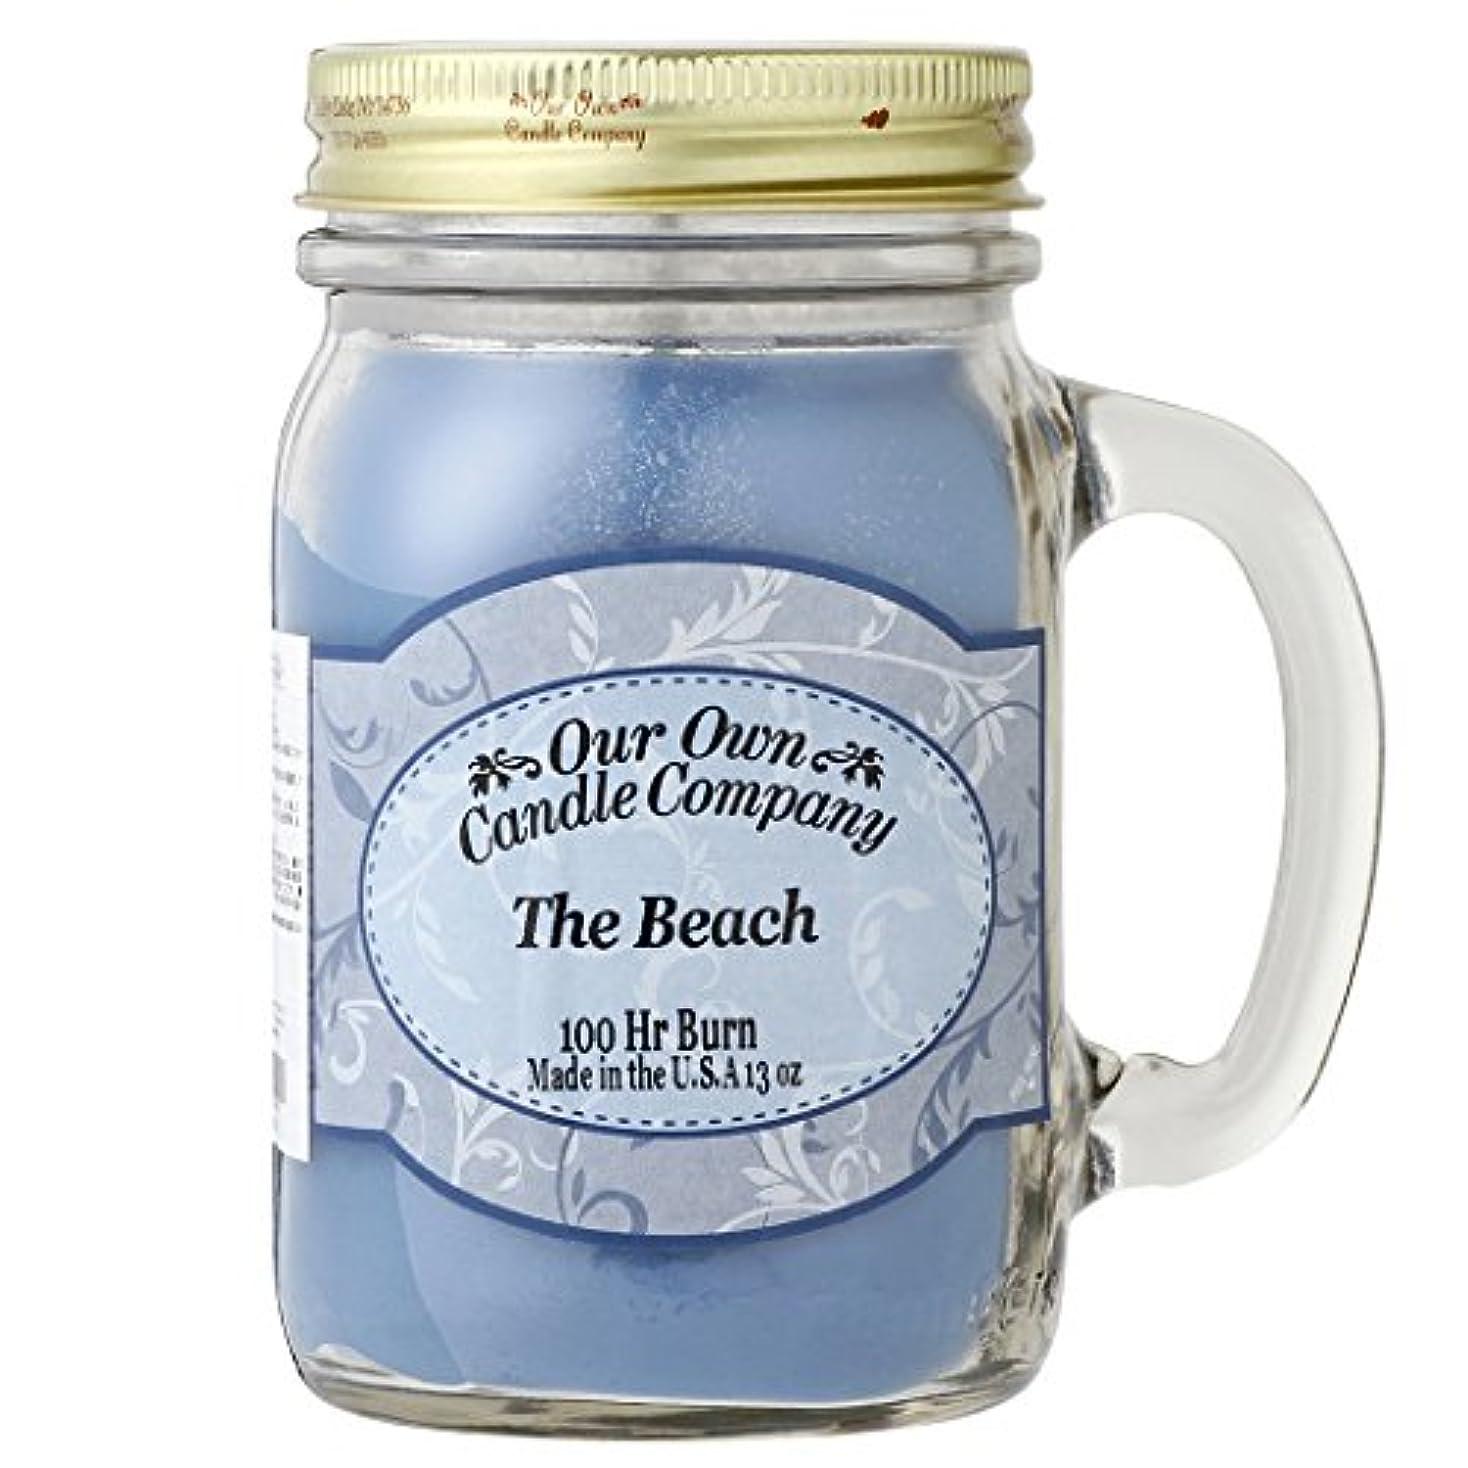 毎日アレンジ悪いOur Own Candle Company メイソンジャーキャンドル ラージサイズ ザ?ビーチ OU100119